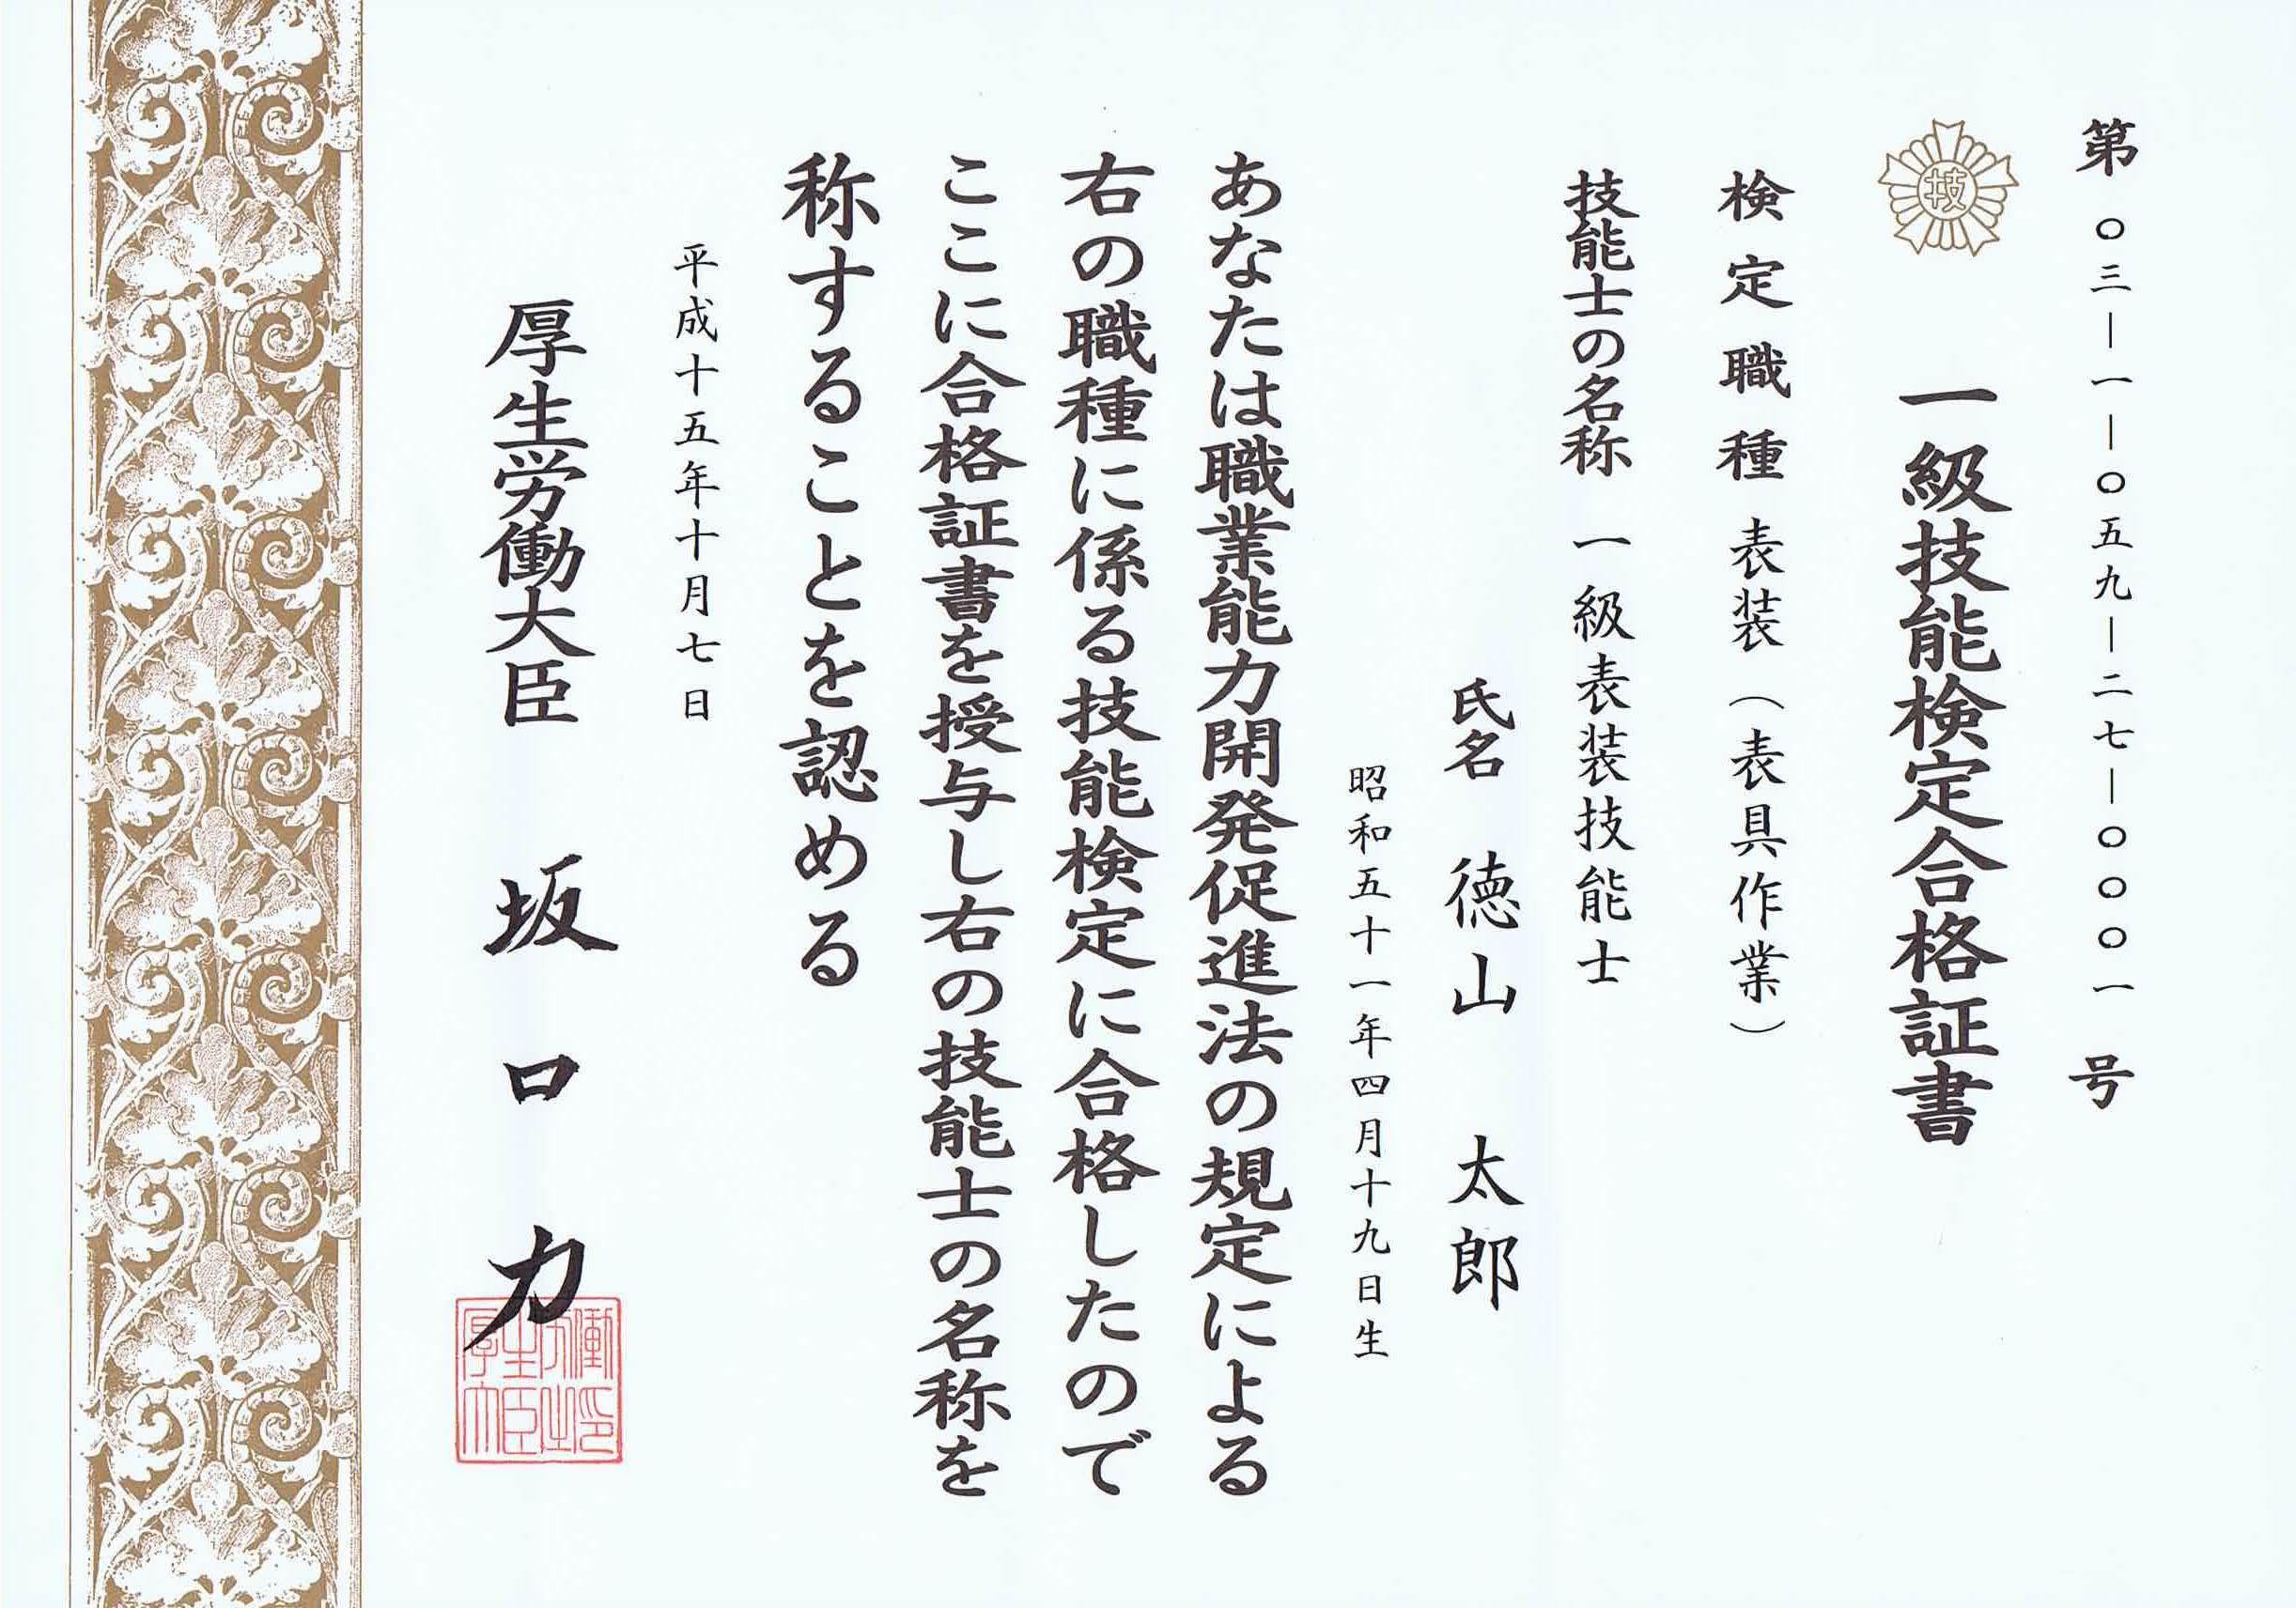 徳山 太郎 賞状